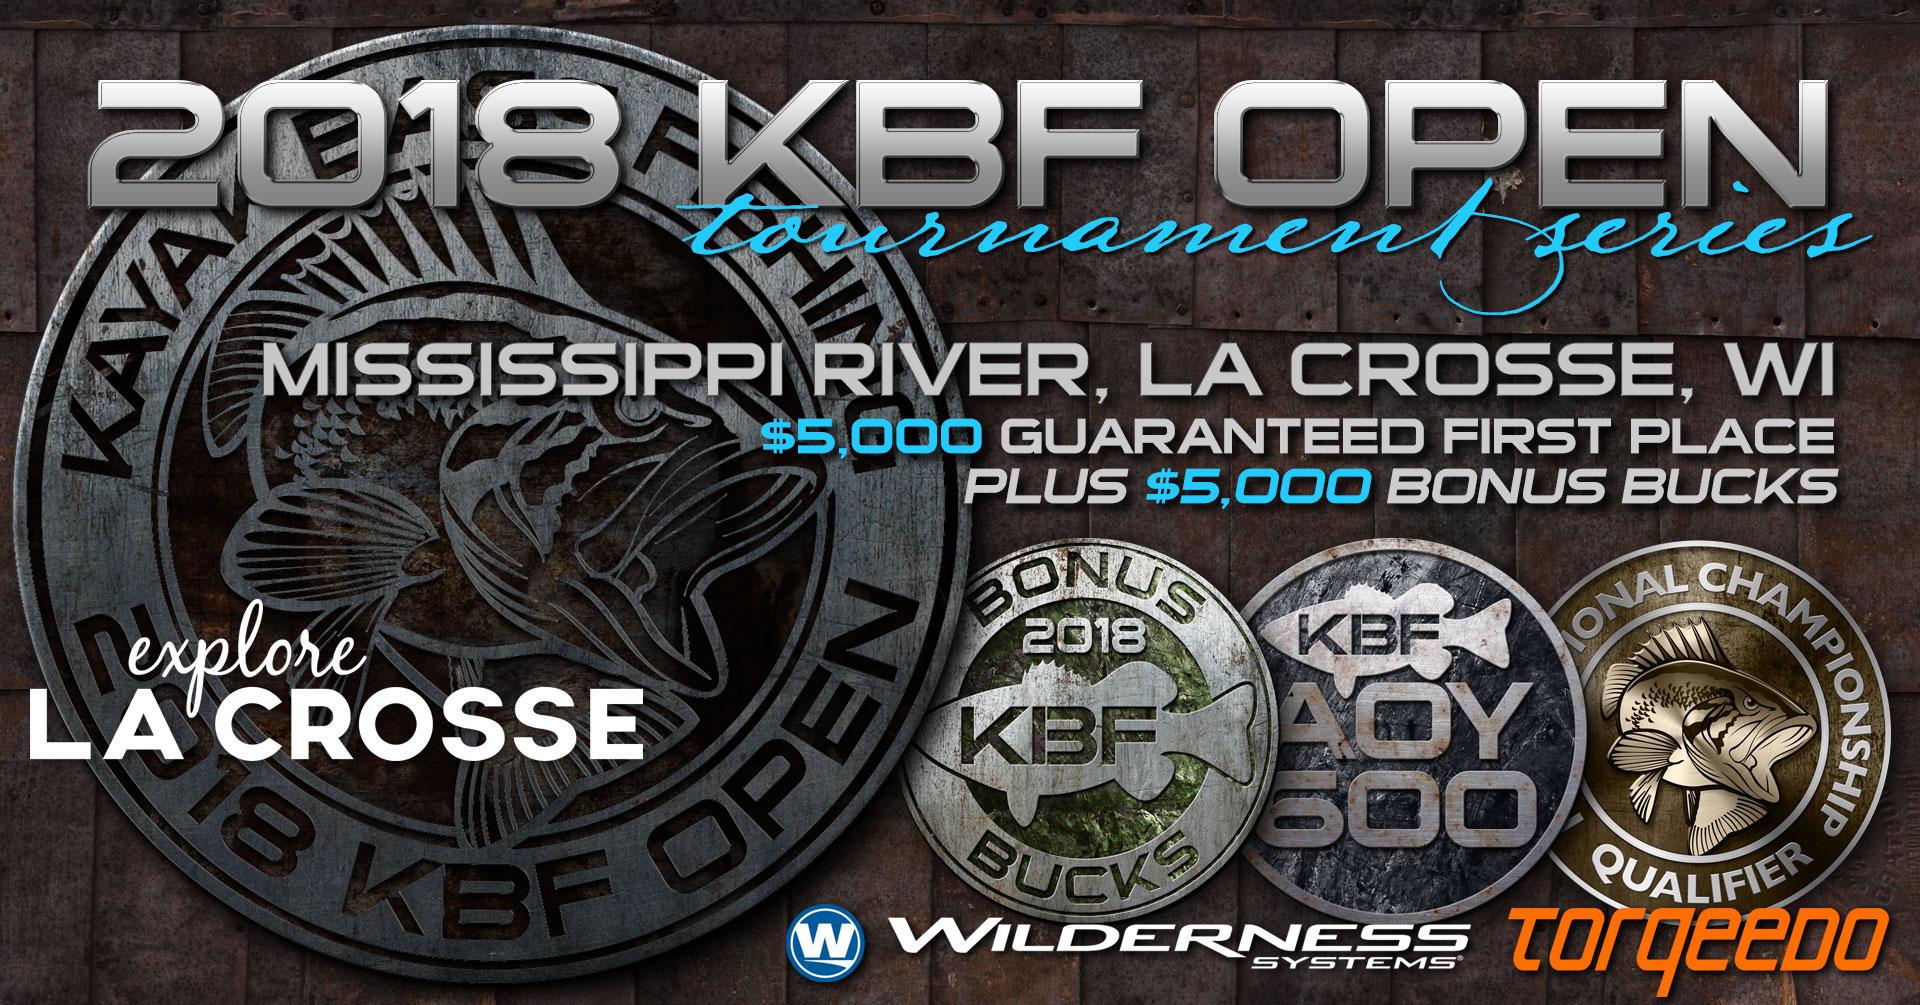 2018 KBF Midwest OPEN